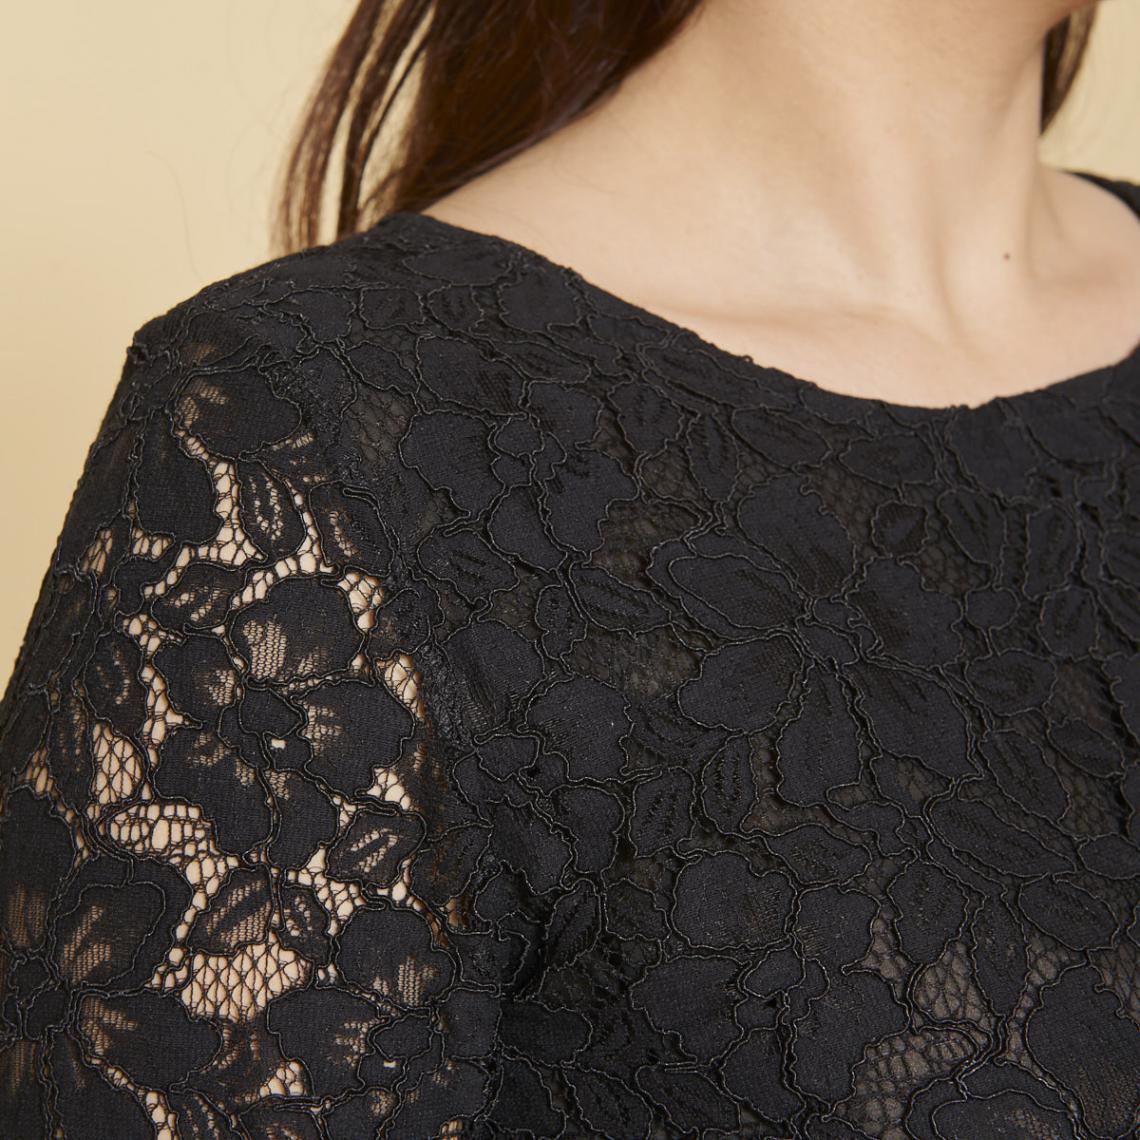 c904c831333d5 Robe courte Femme Cliquez l image pour l agrandir. Robe courte effet 2 en 1  manches 3 4 en dentelle ...